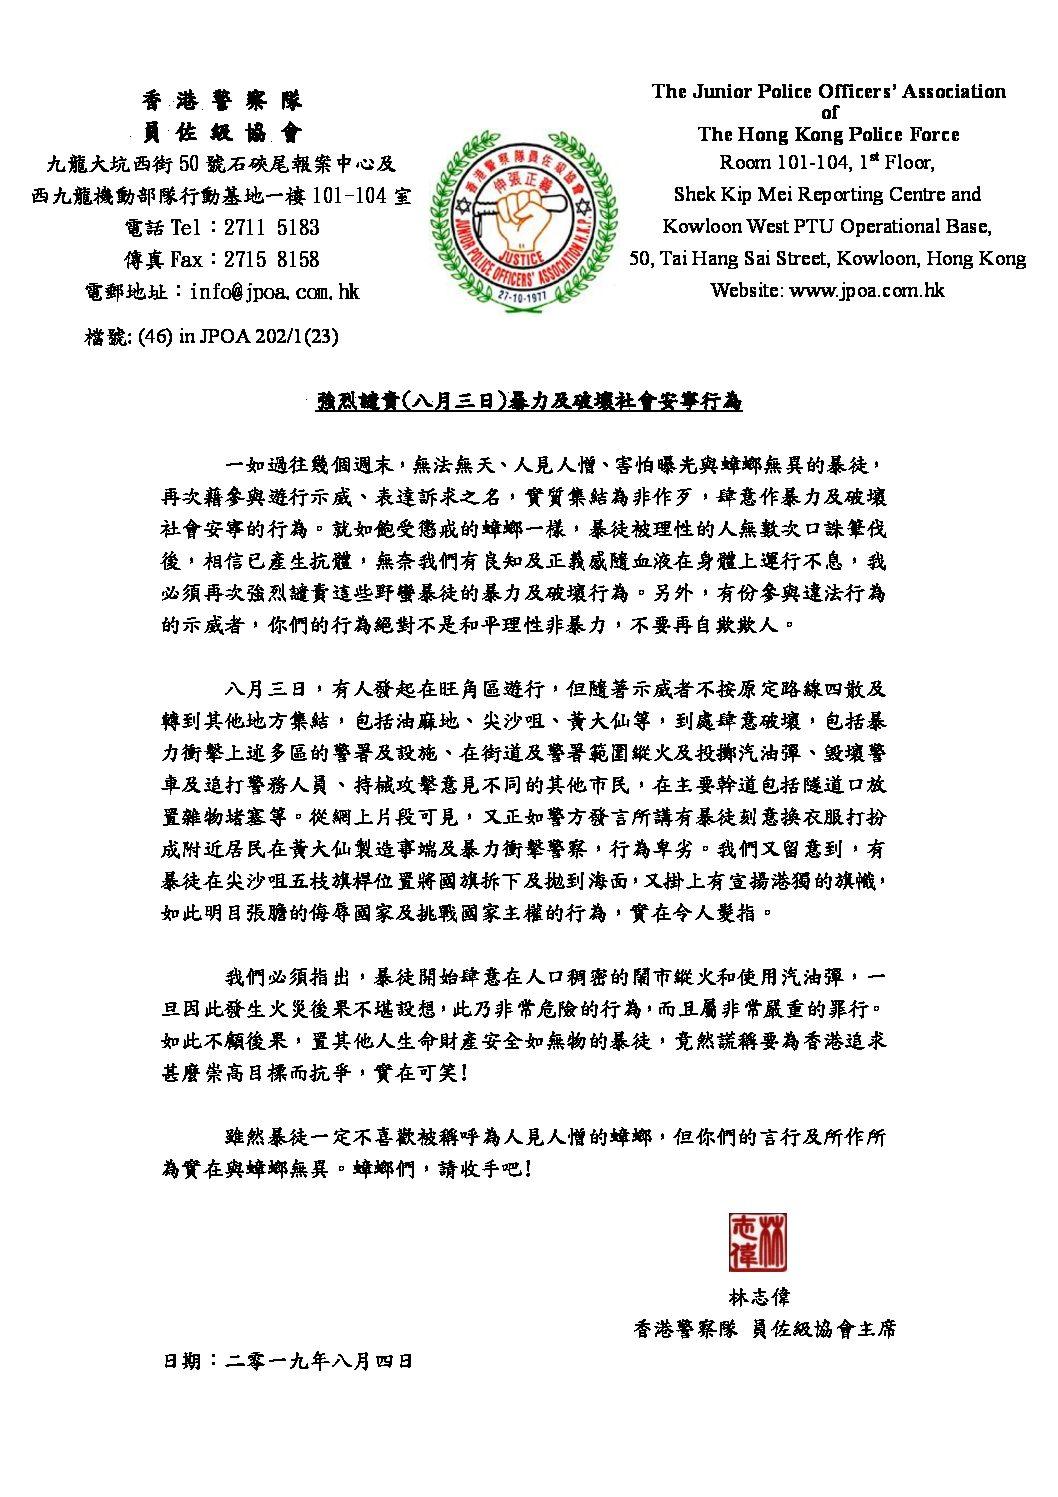 """香港警察队员佐级协会强烈谴责暴力,痛批暴徒""""与蟑螂无异"""""""